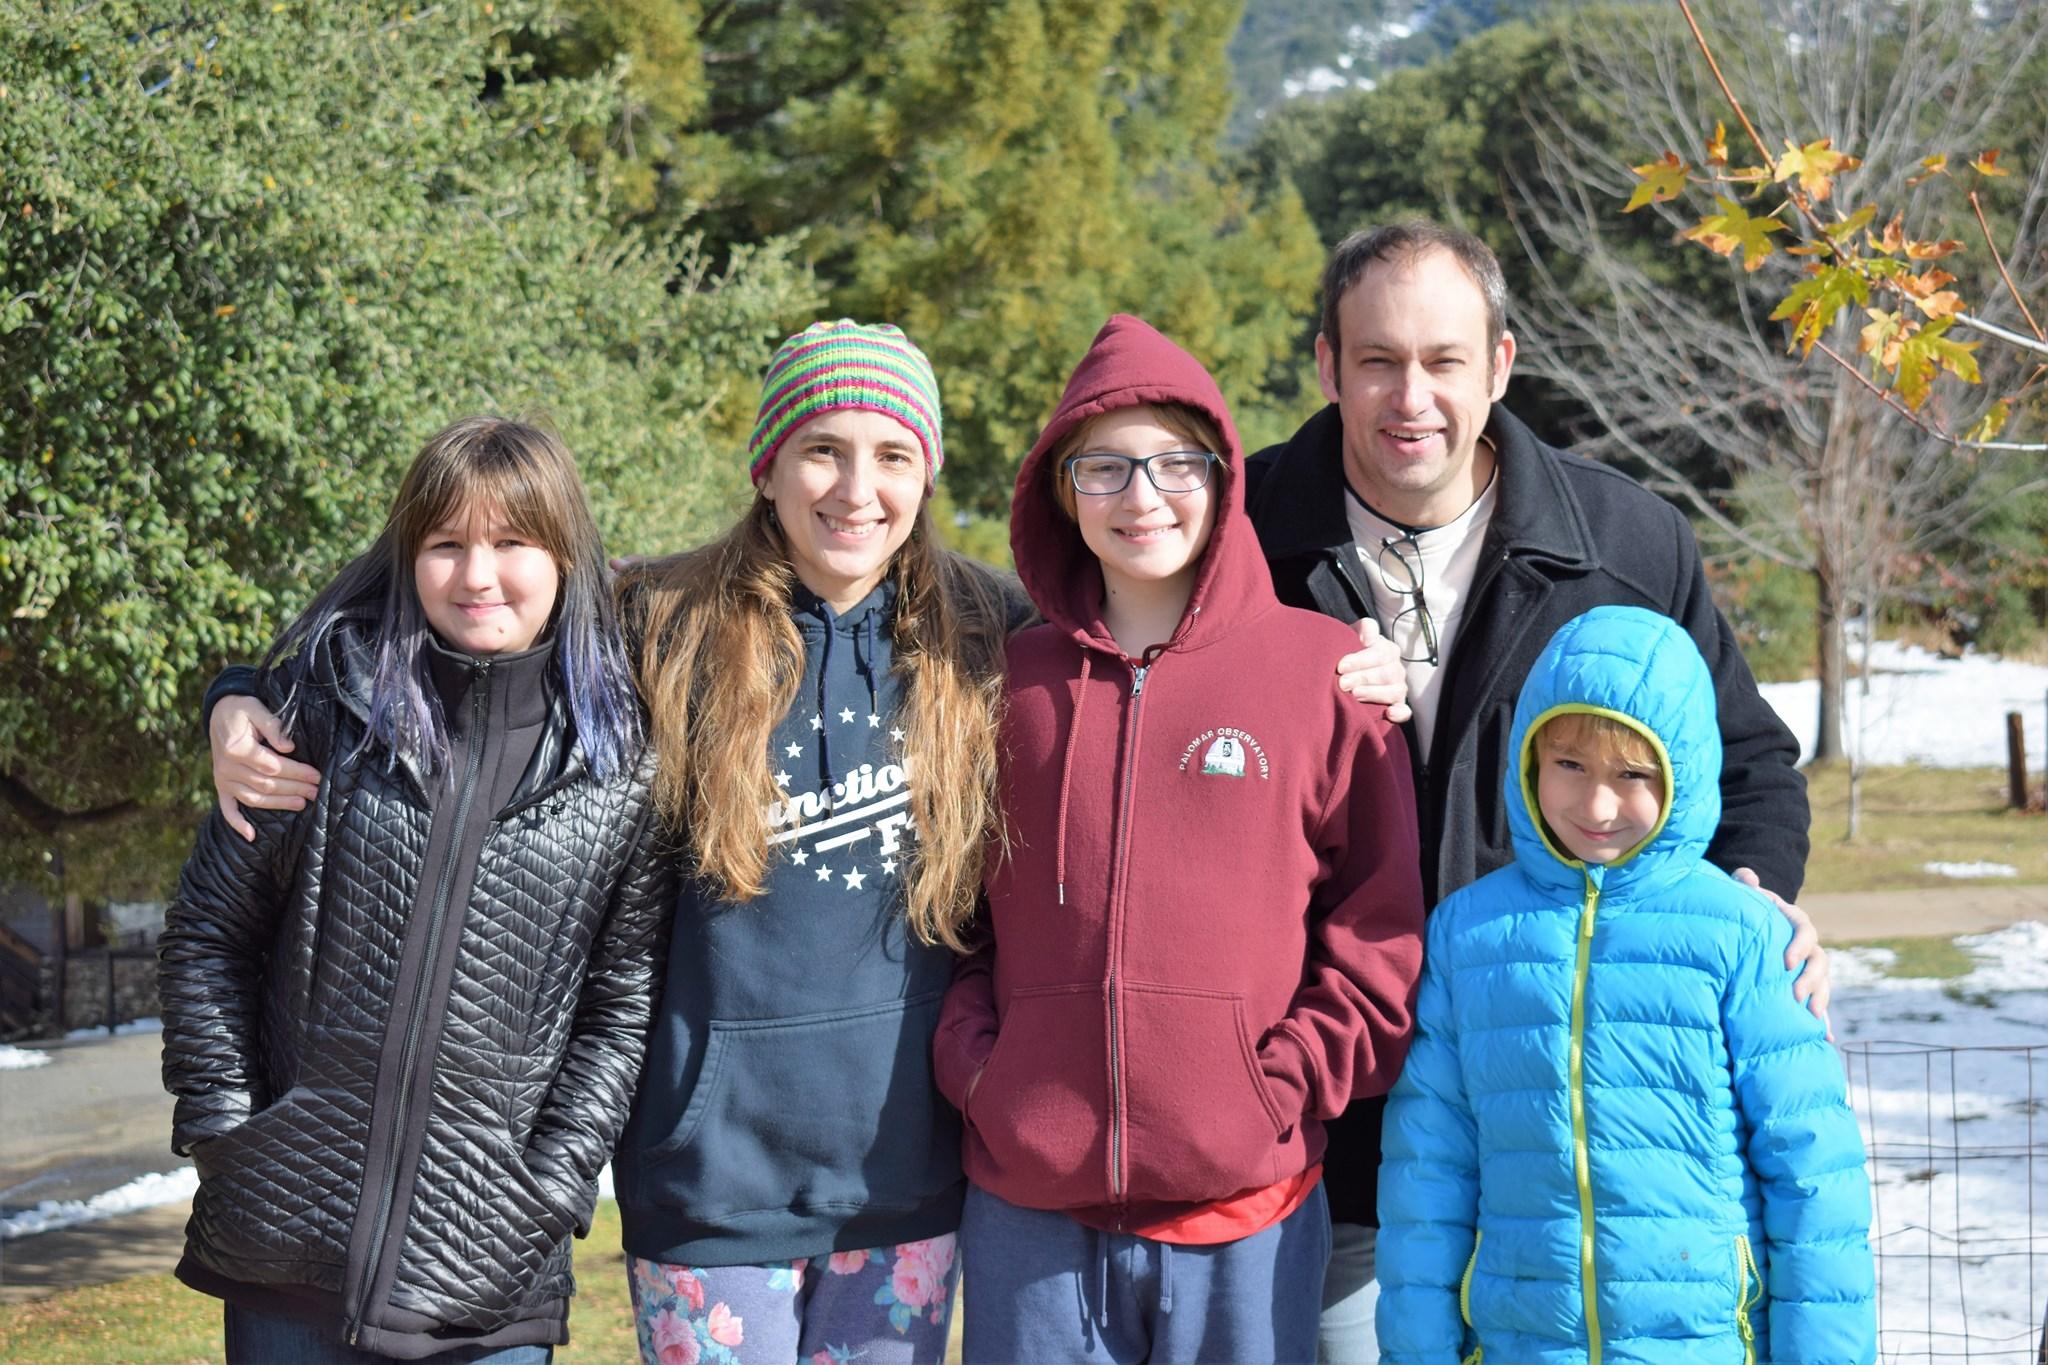 Stephanie M family